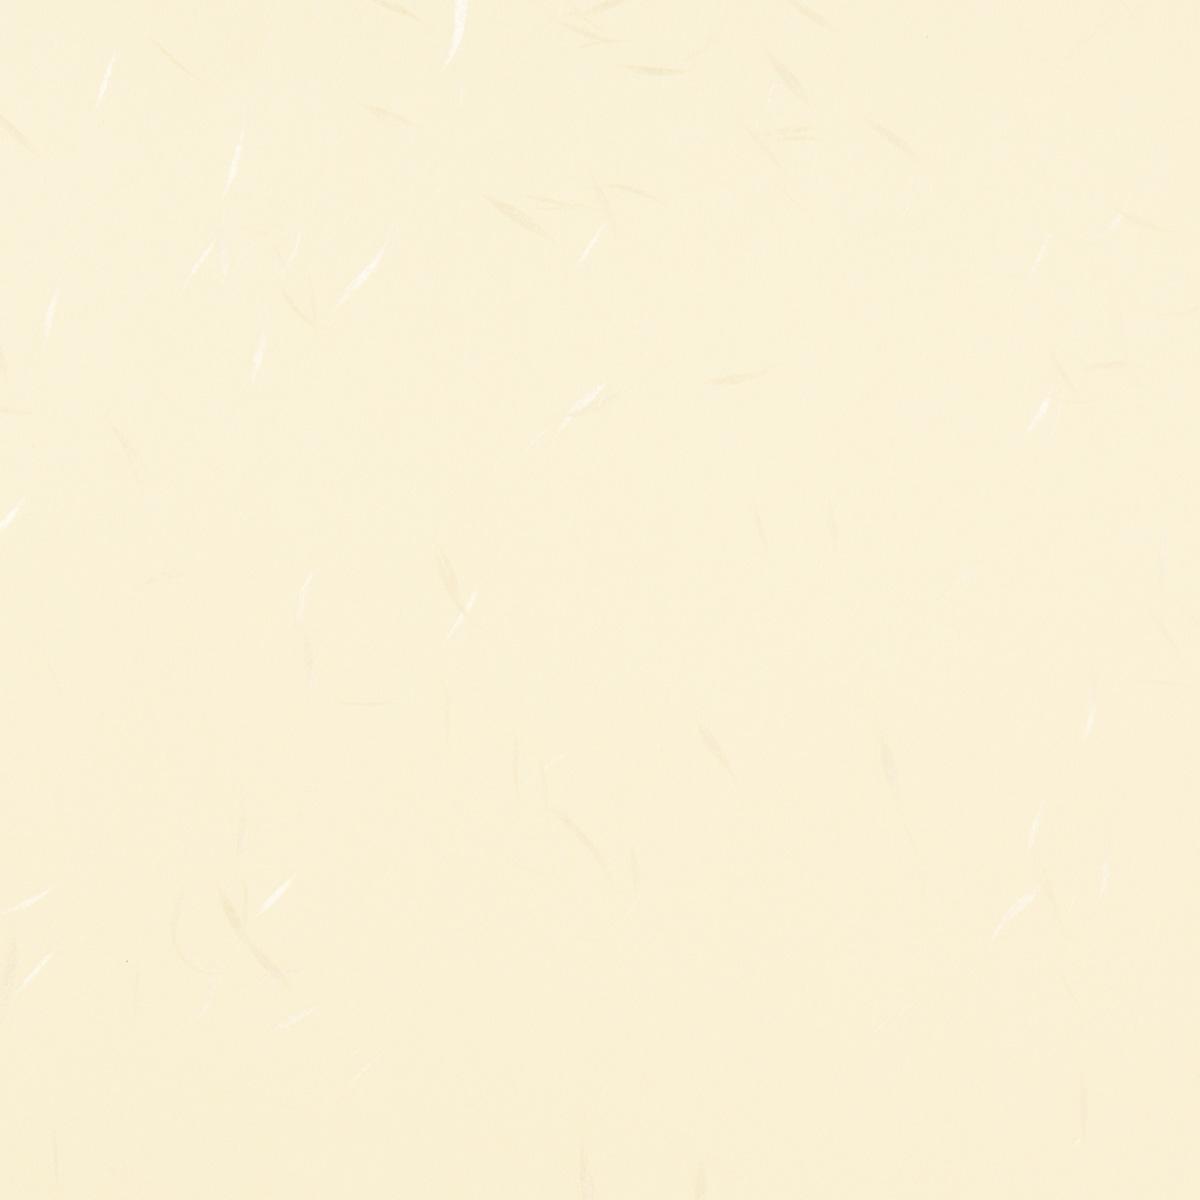 月華ニューカラー A4サイズ(50枚入) No.10 クリーム